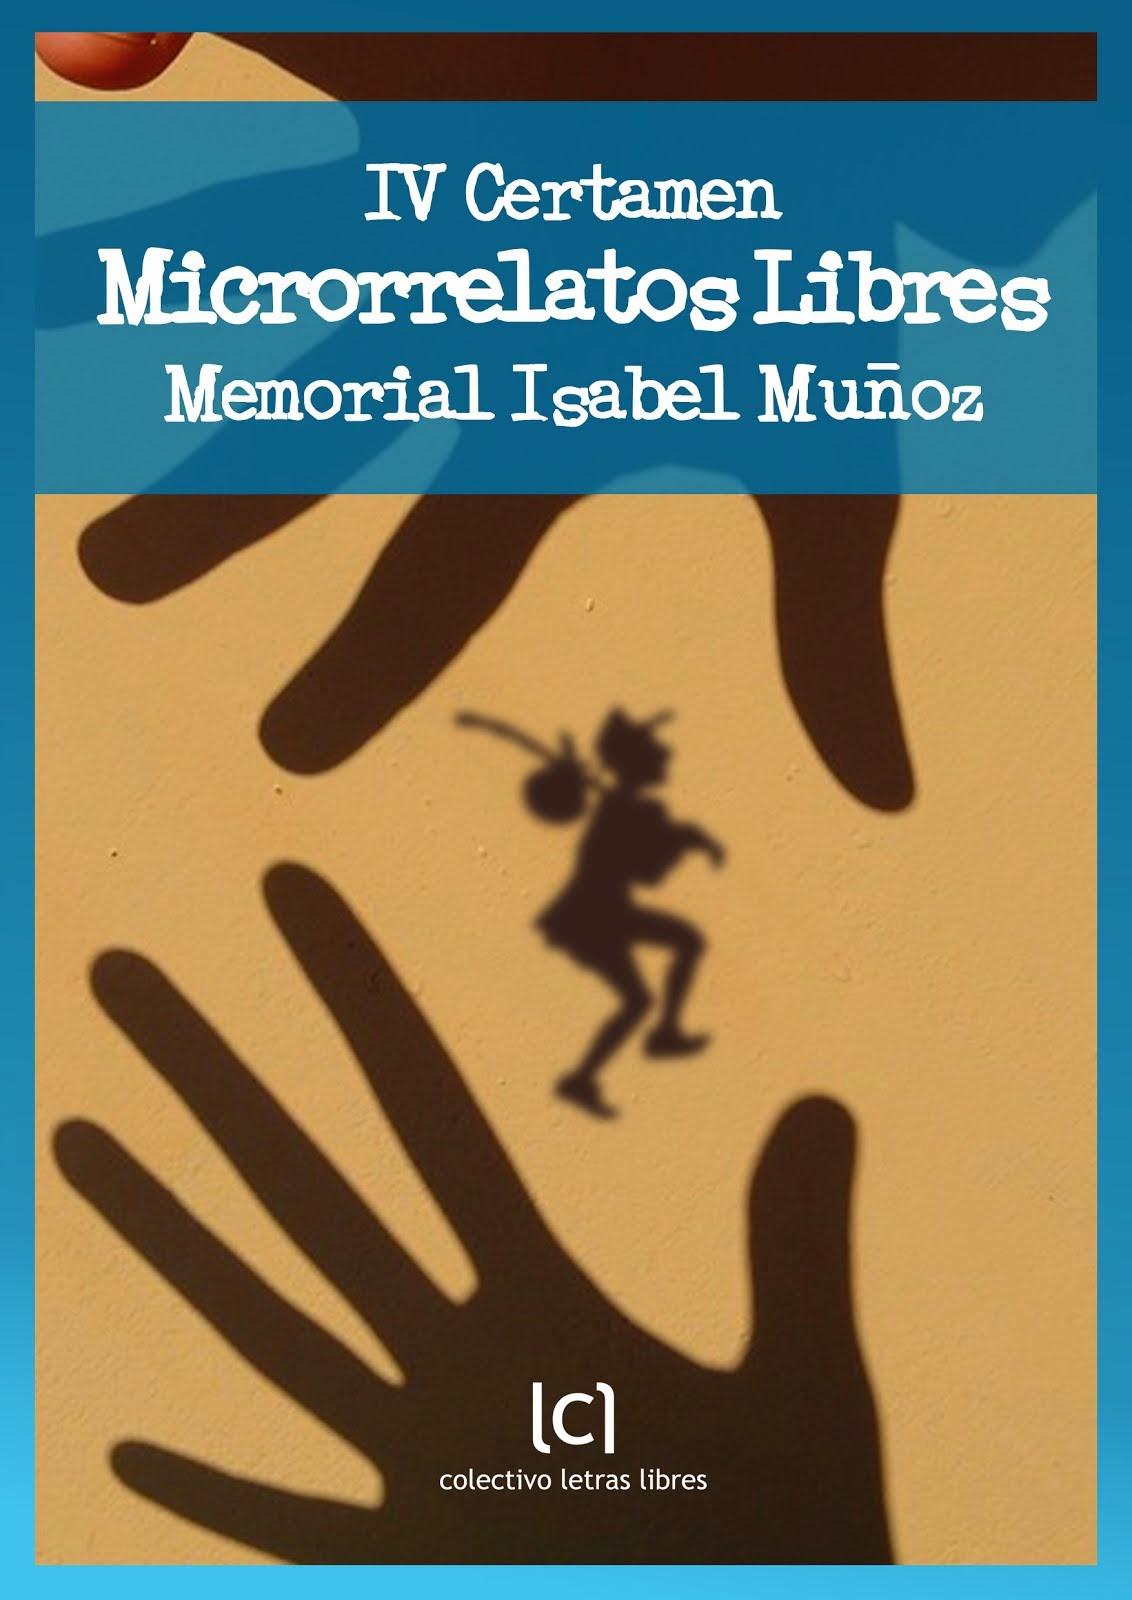 IV Certamen Microrrelatos Libres - Memorial Isabel Muñoz